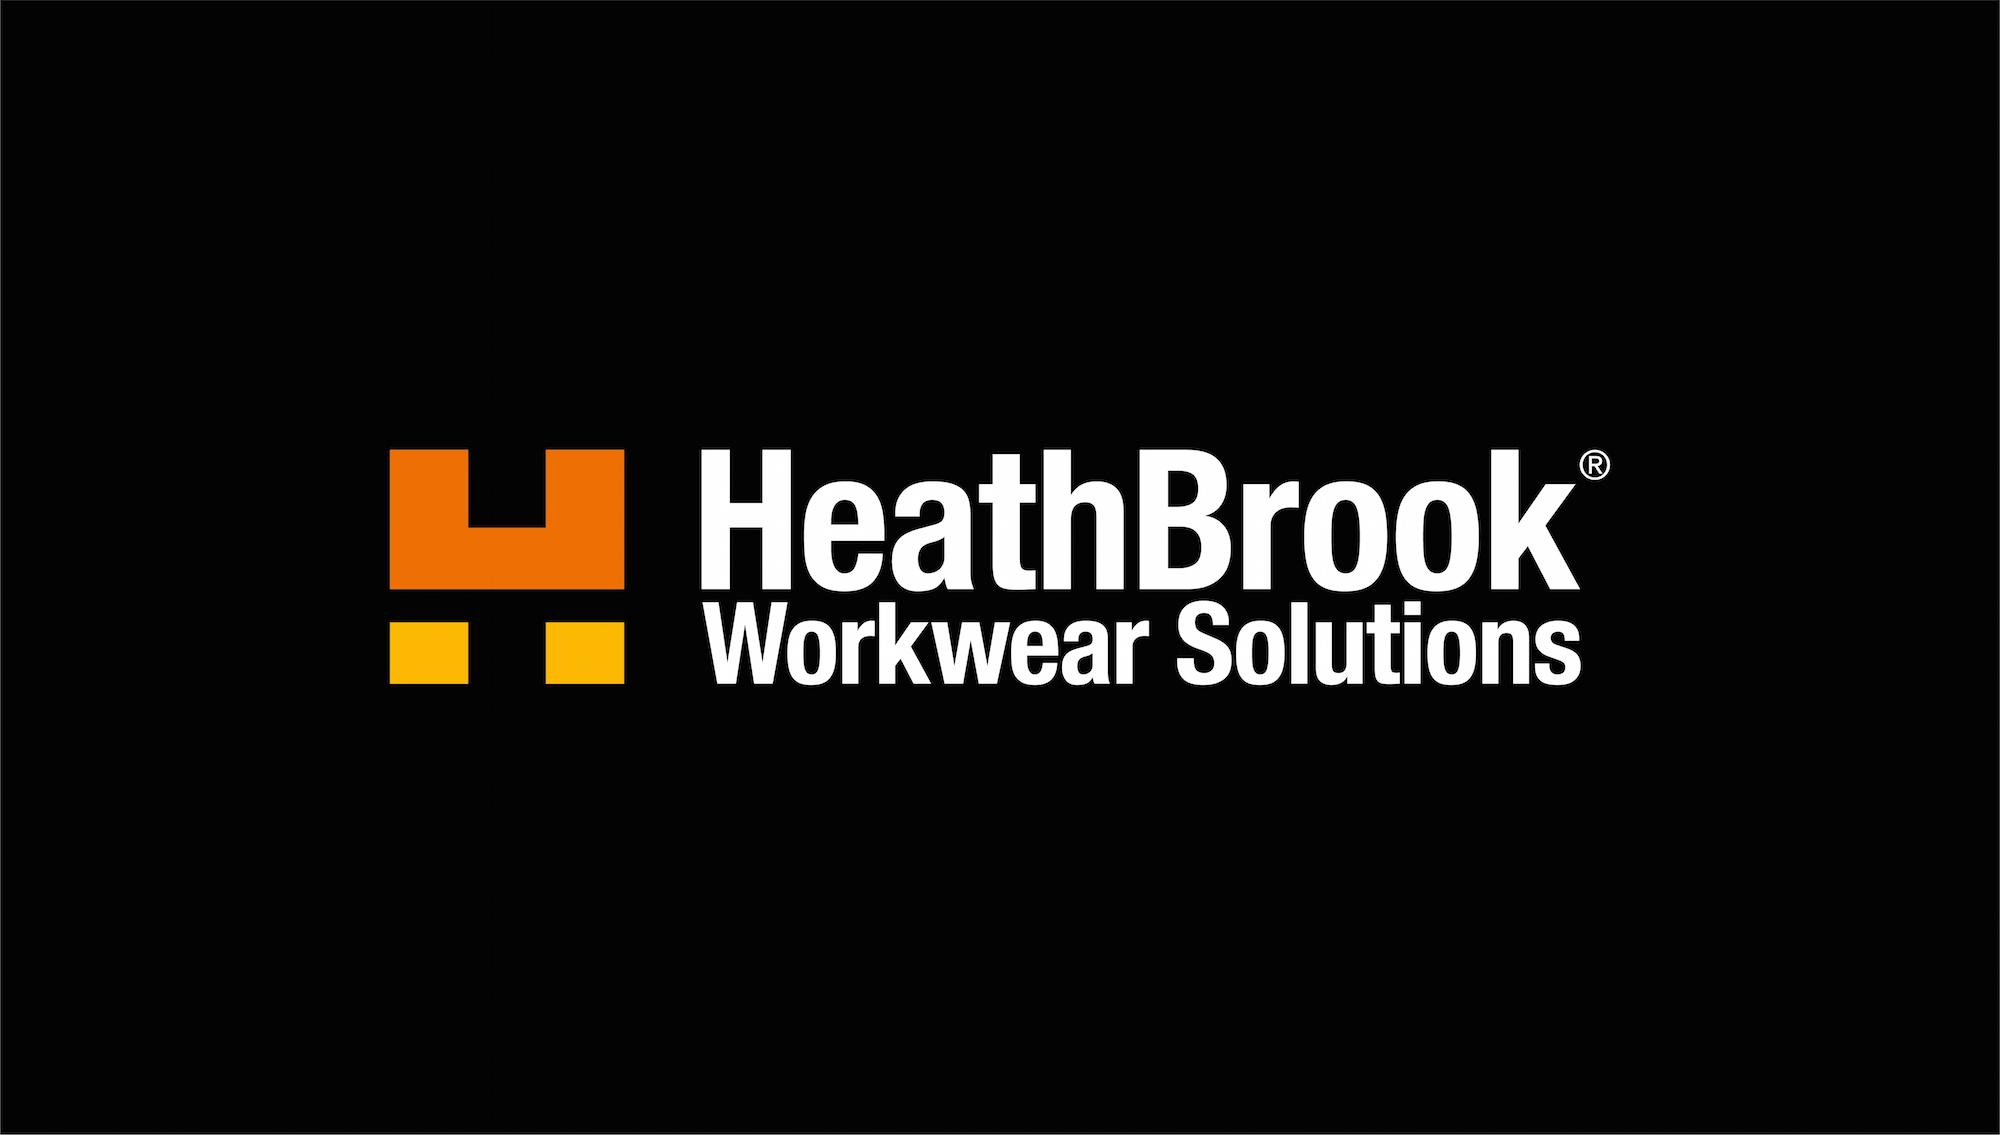 Heathbrook Ltd